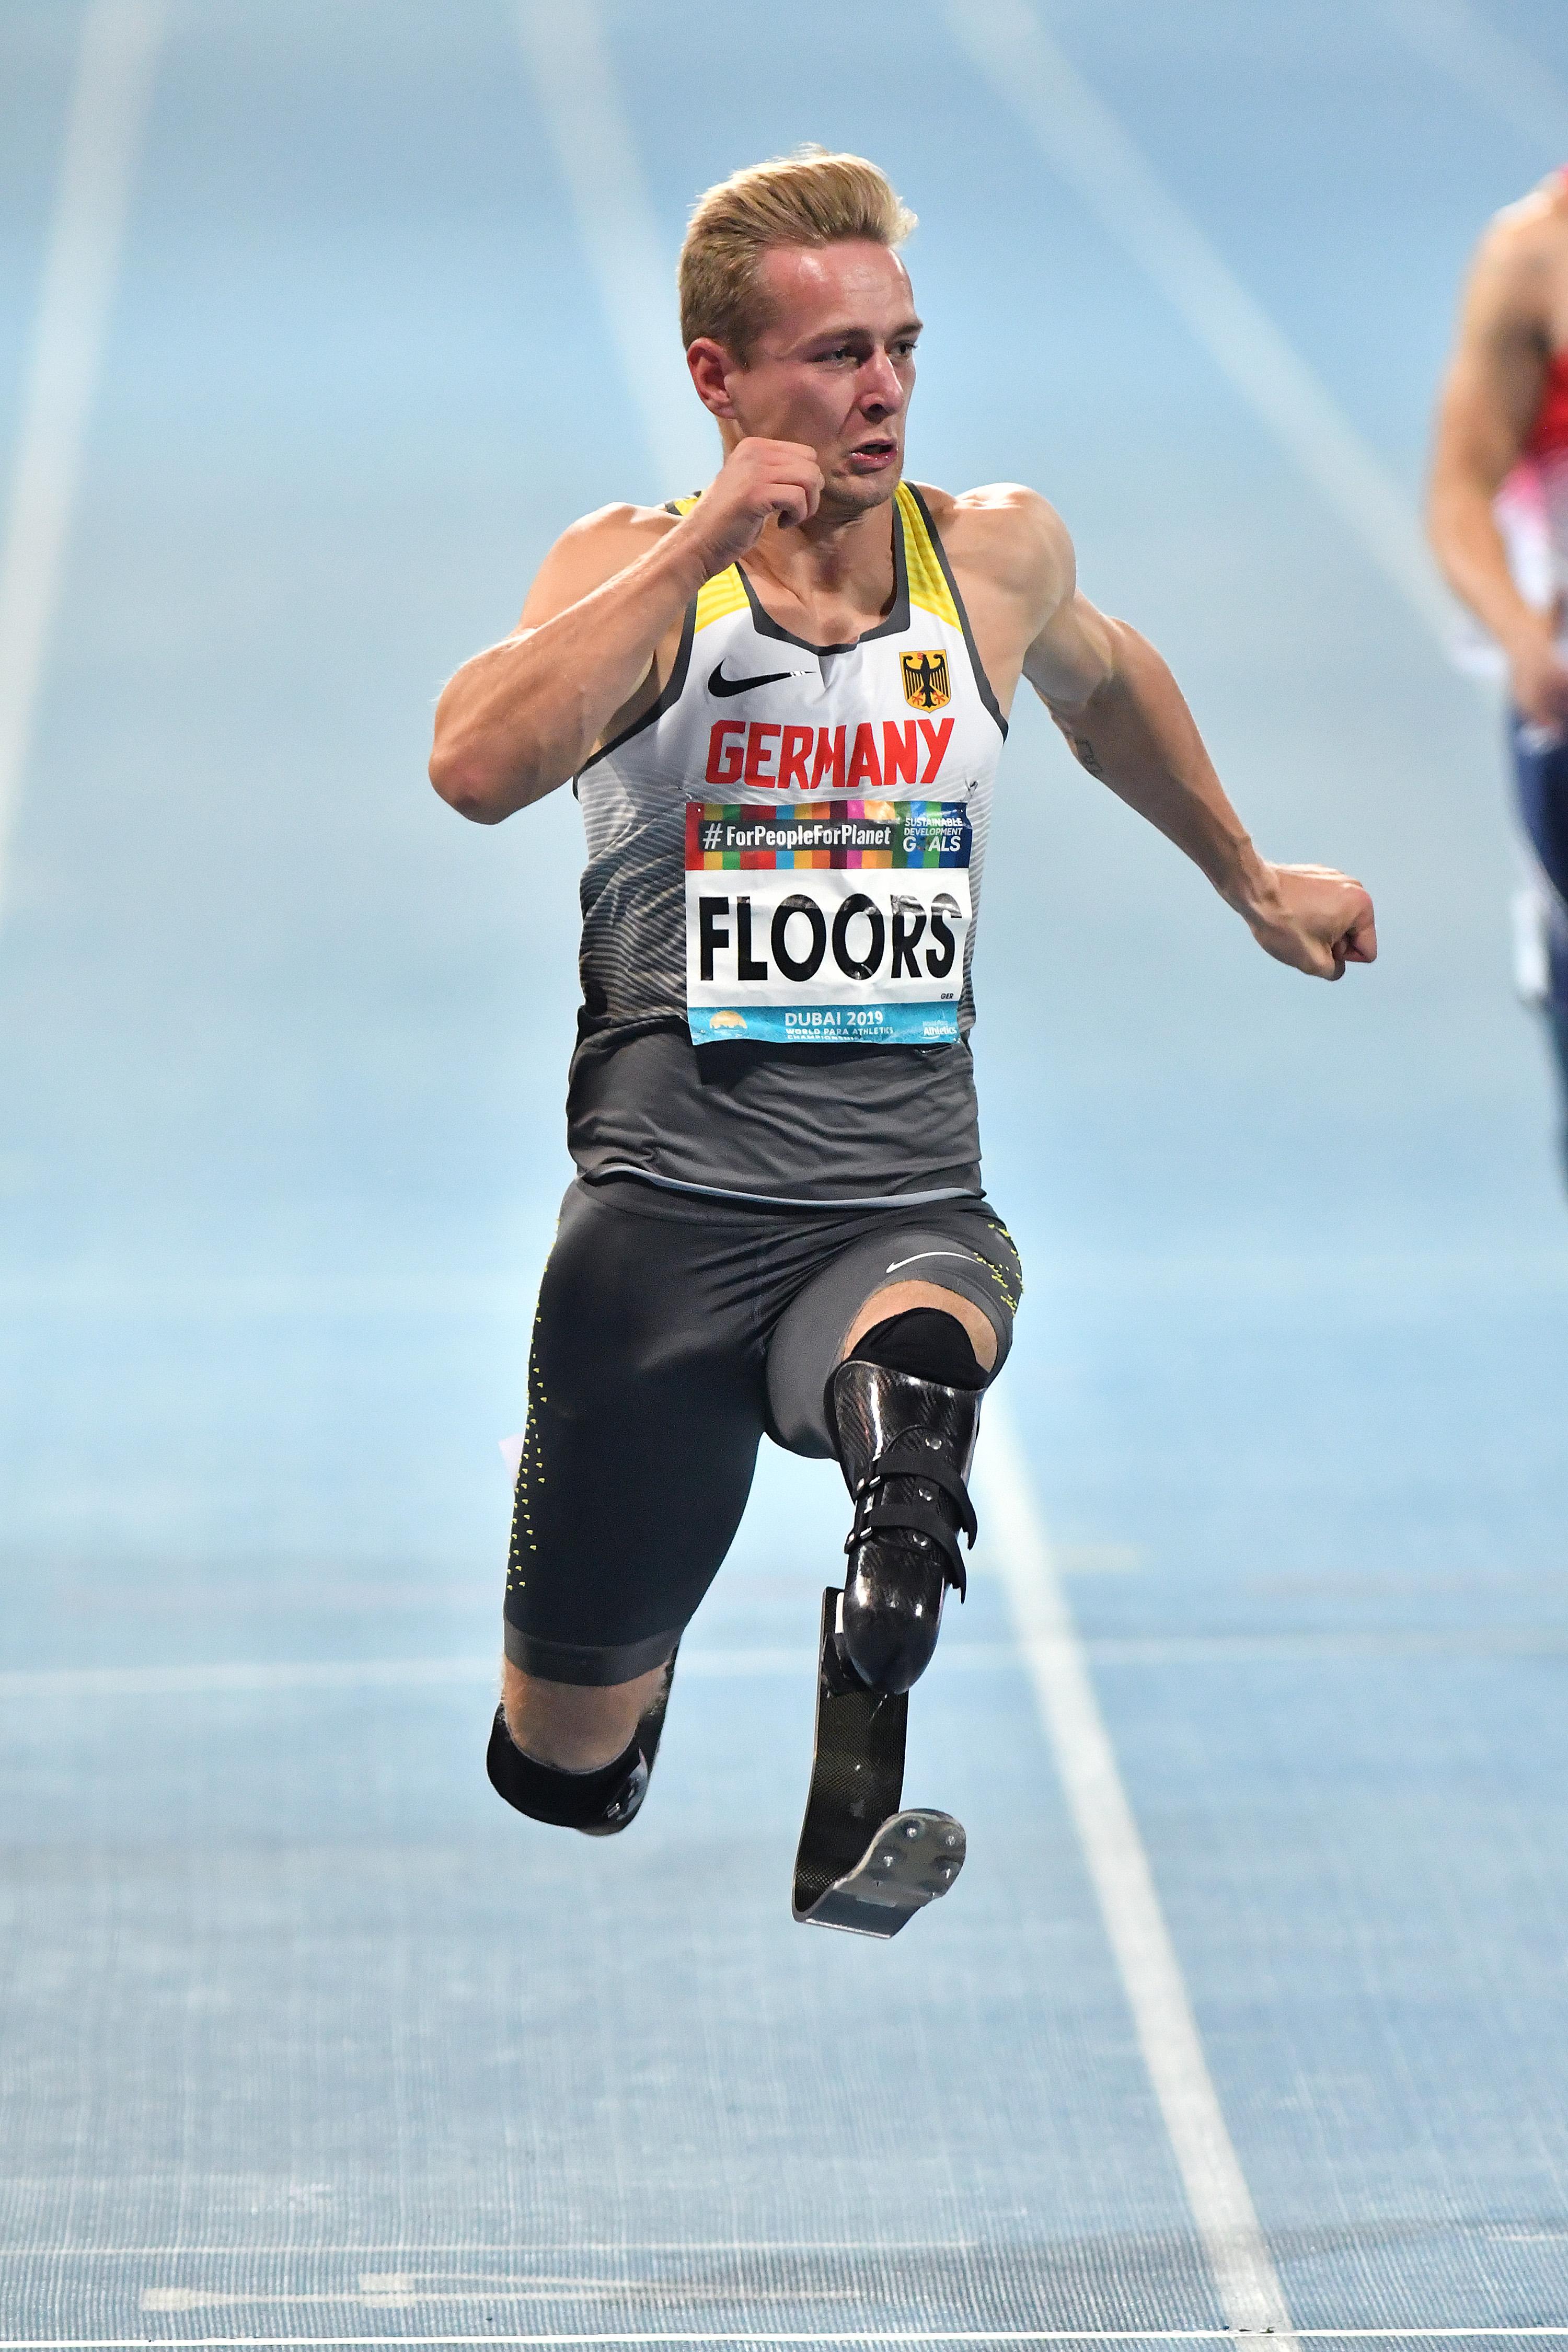 6歳のとき自ら切断を決意したフロア。「両足義足で走れることは私の誇り。16歳の私に教えてあげたいです」と語った。 写真・安藤理智